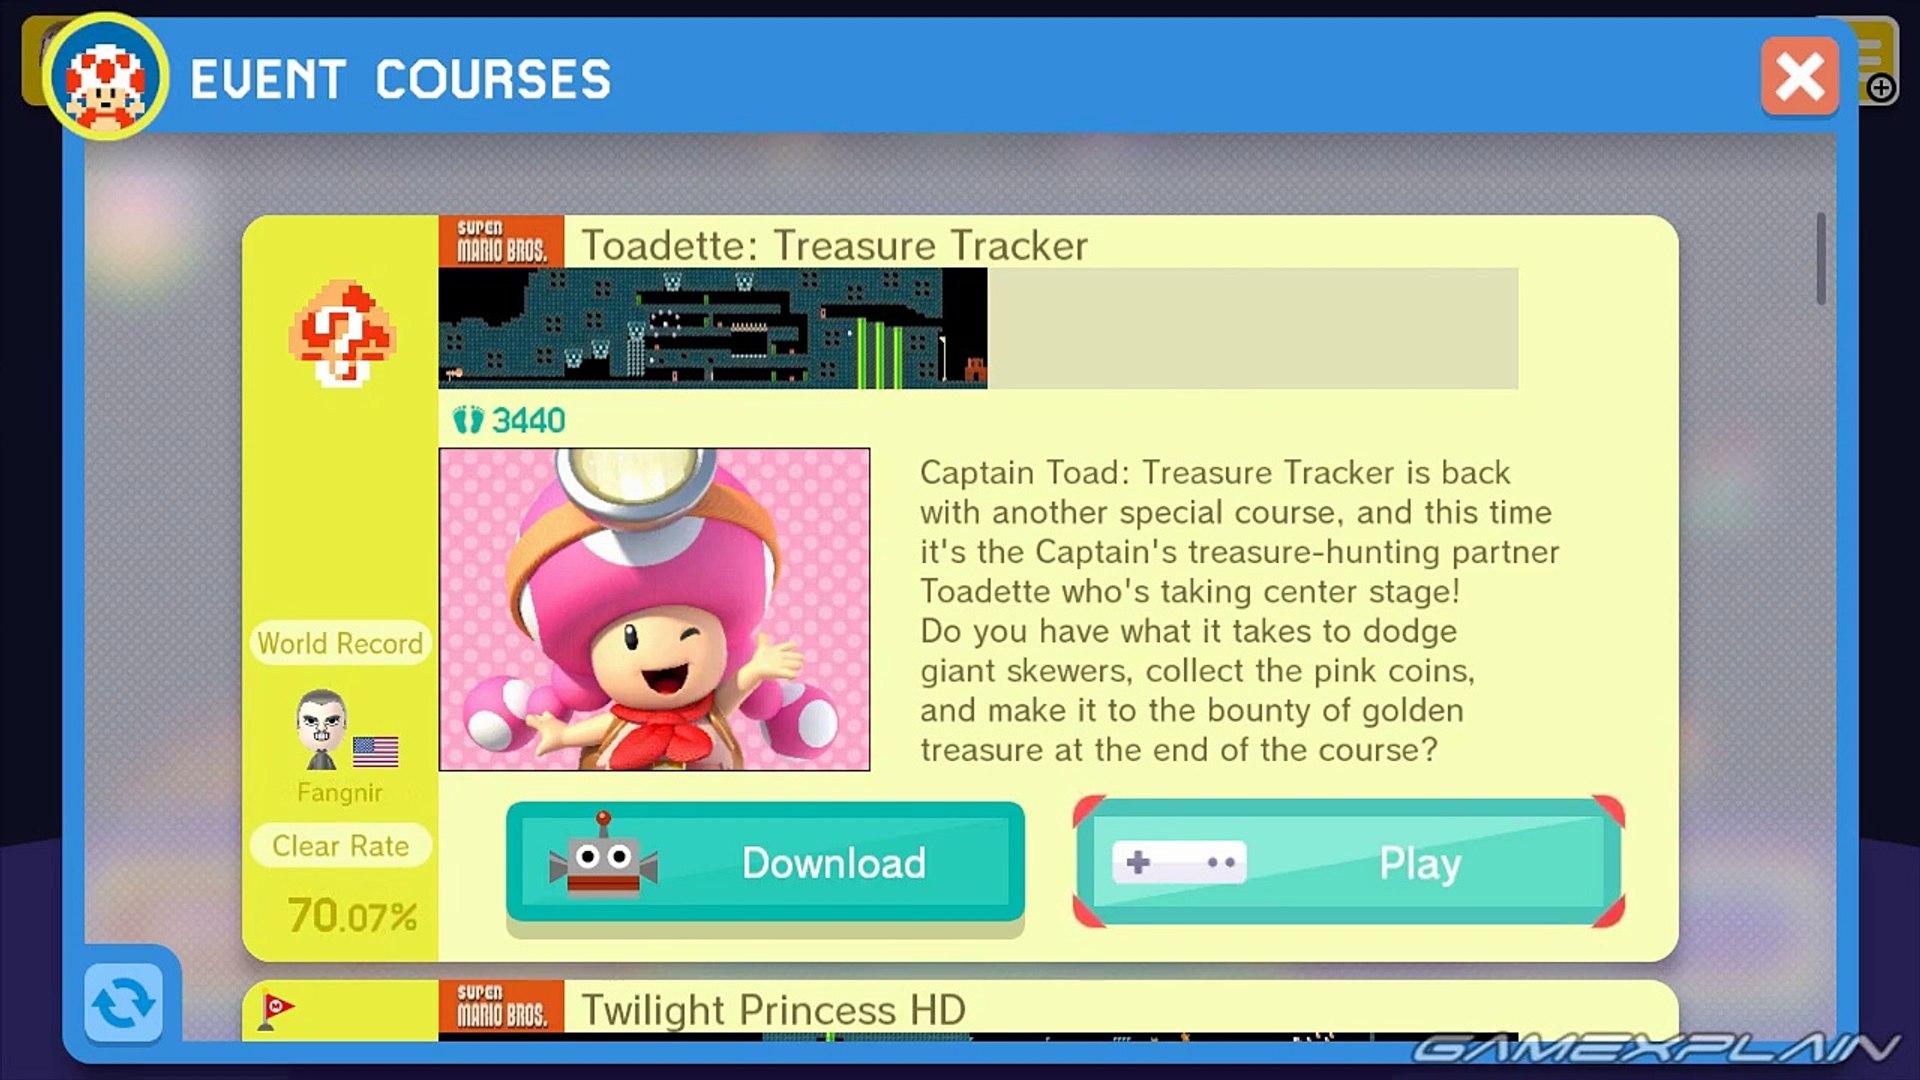 Super Mario Maker - Toadette: Treasure Tracker Course Playthrough & Costume  Tour